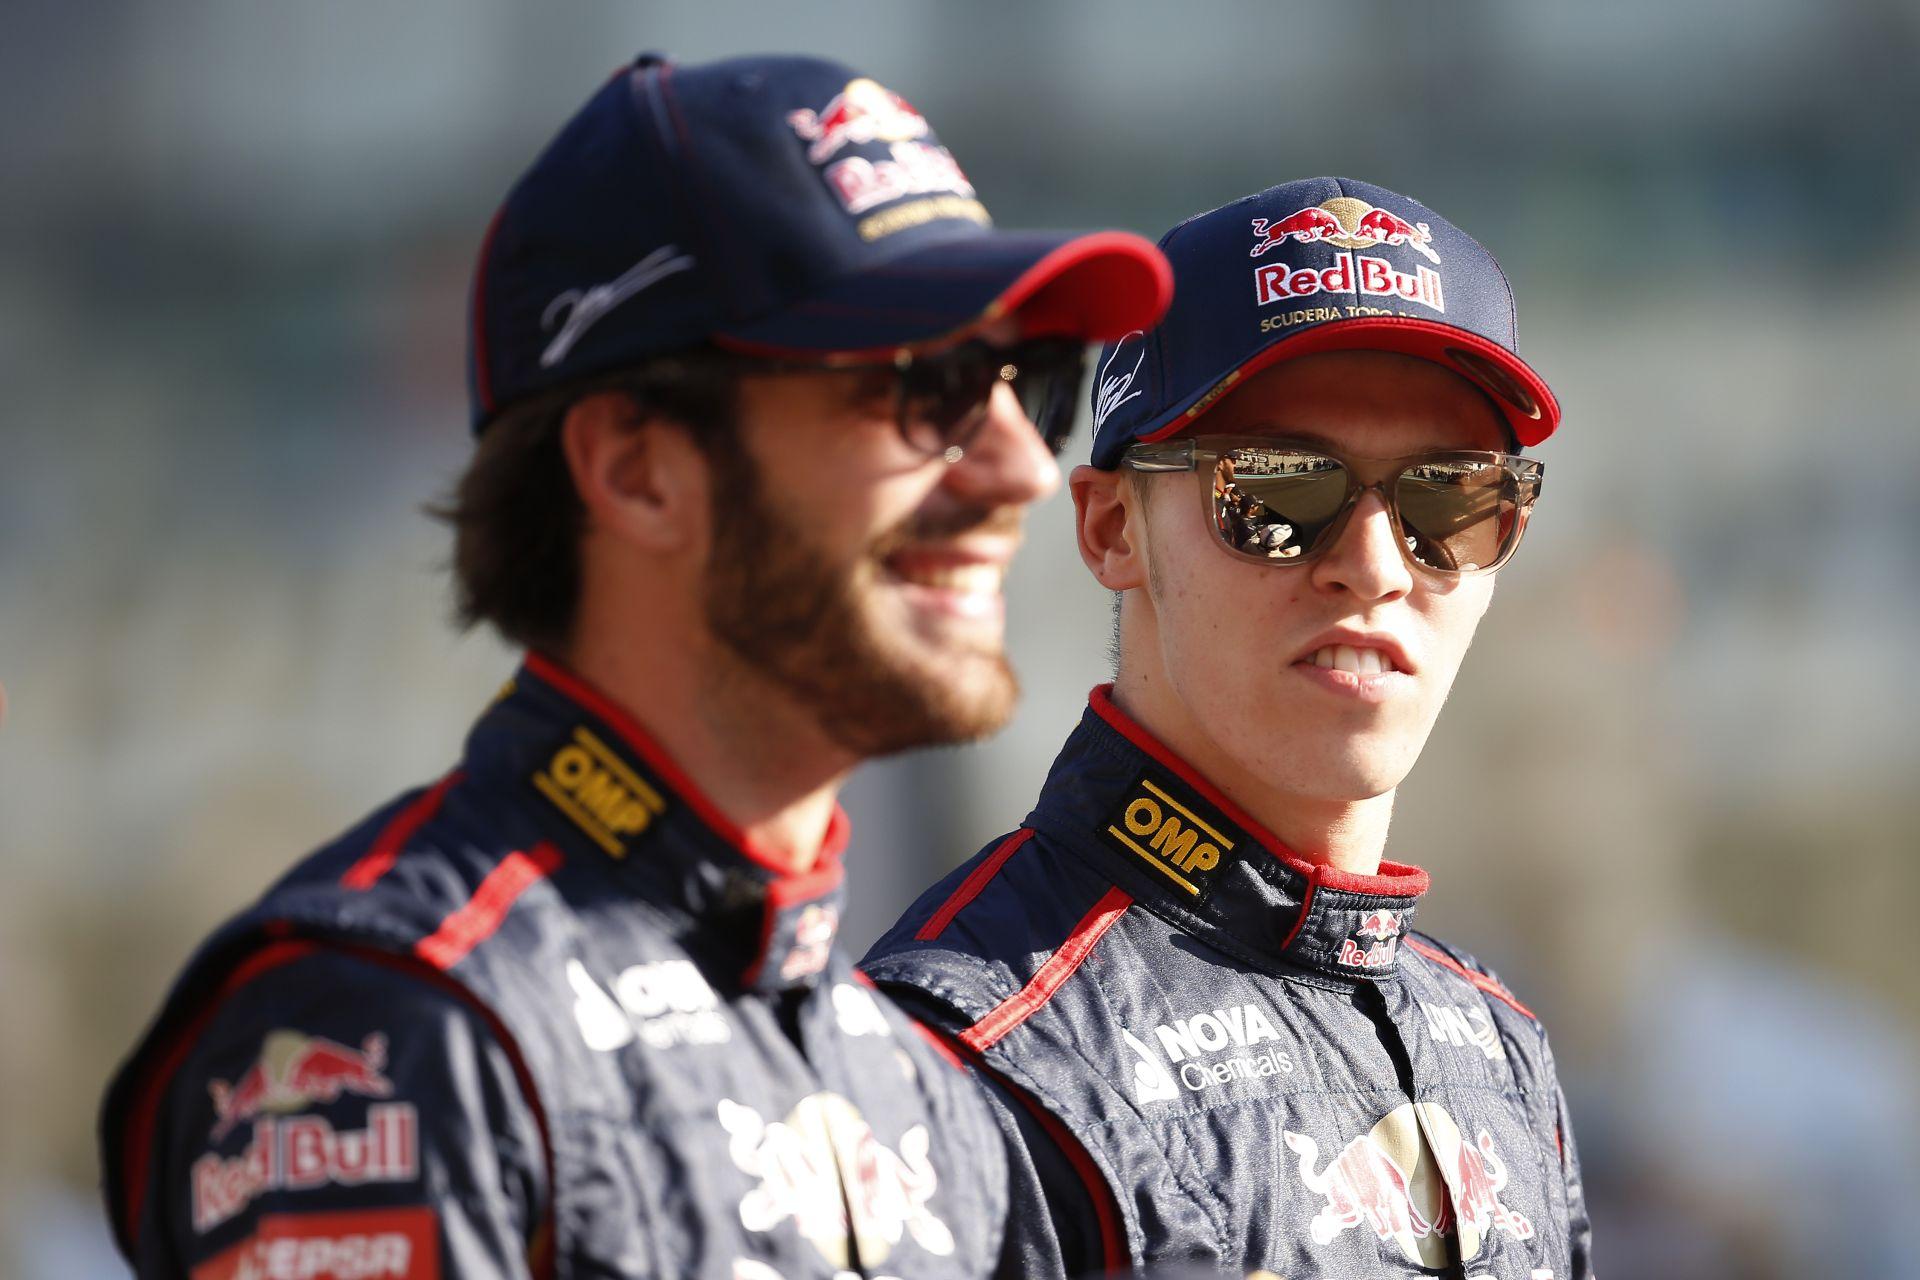 Vergne: Úgy tűnik, a Red Bullnak vannak fontosabb dolgok is a pontoknál